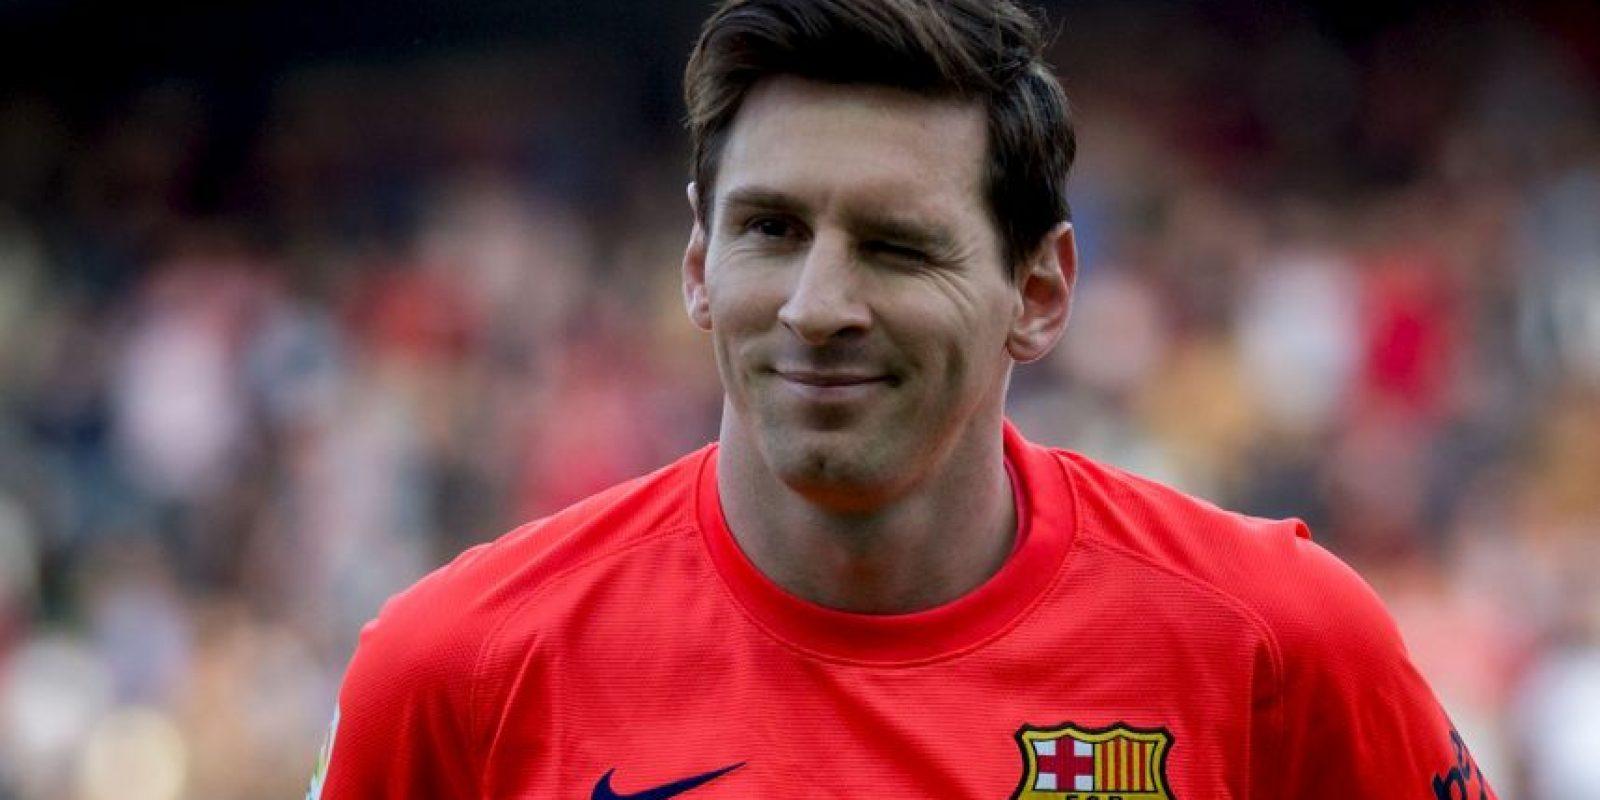 Los Messi habrían simulado la cesión de los derechos de imagen del futbolista a empresas ubicadas en paraísos fiscales. Foto:Getty Images